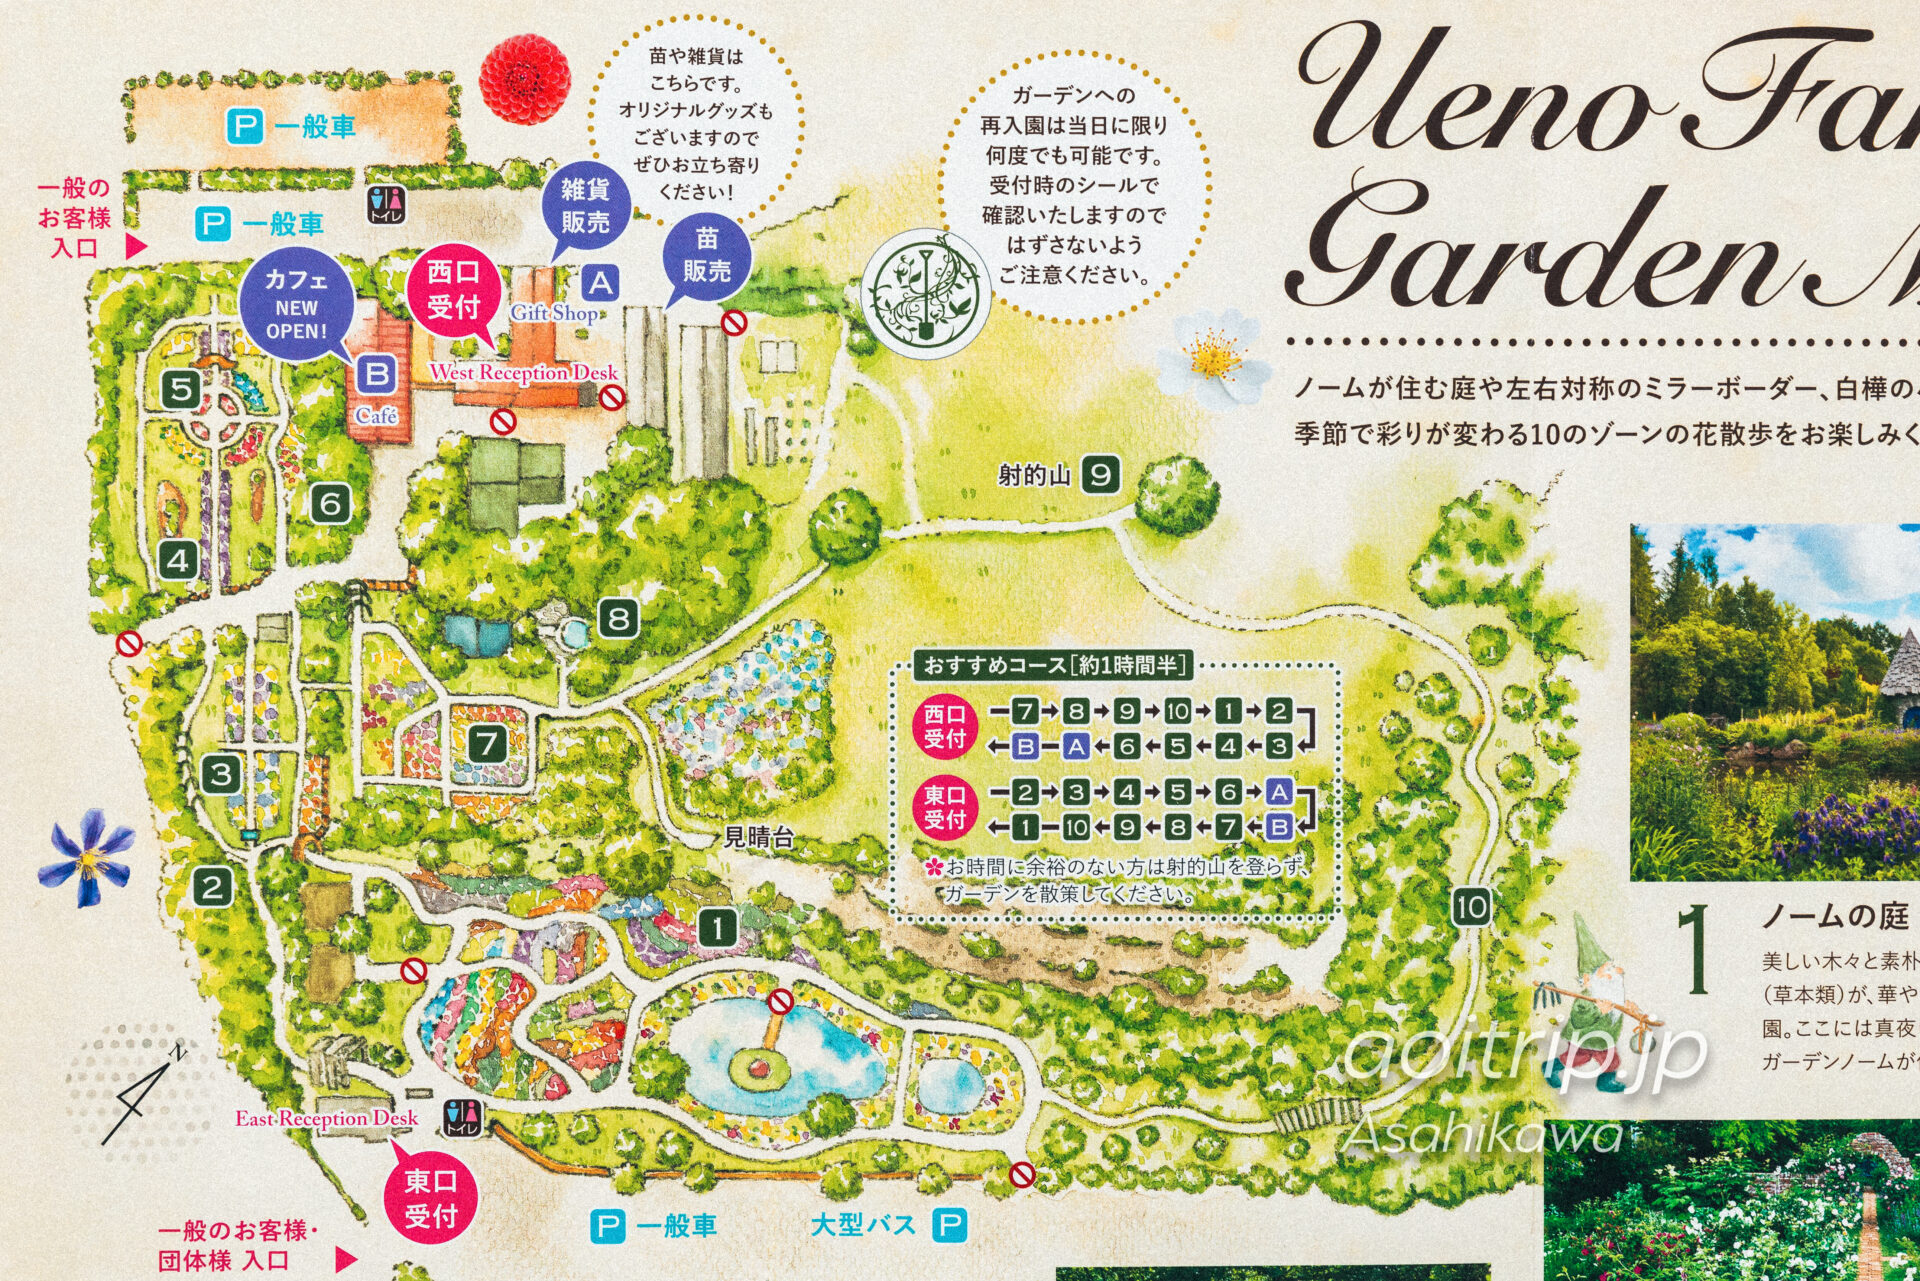 旭川のガーデン「上野ファーム」のマップ